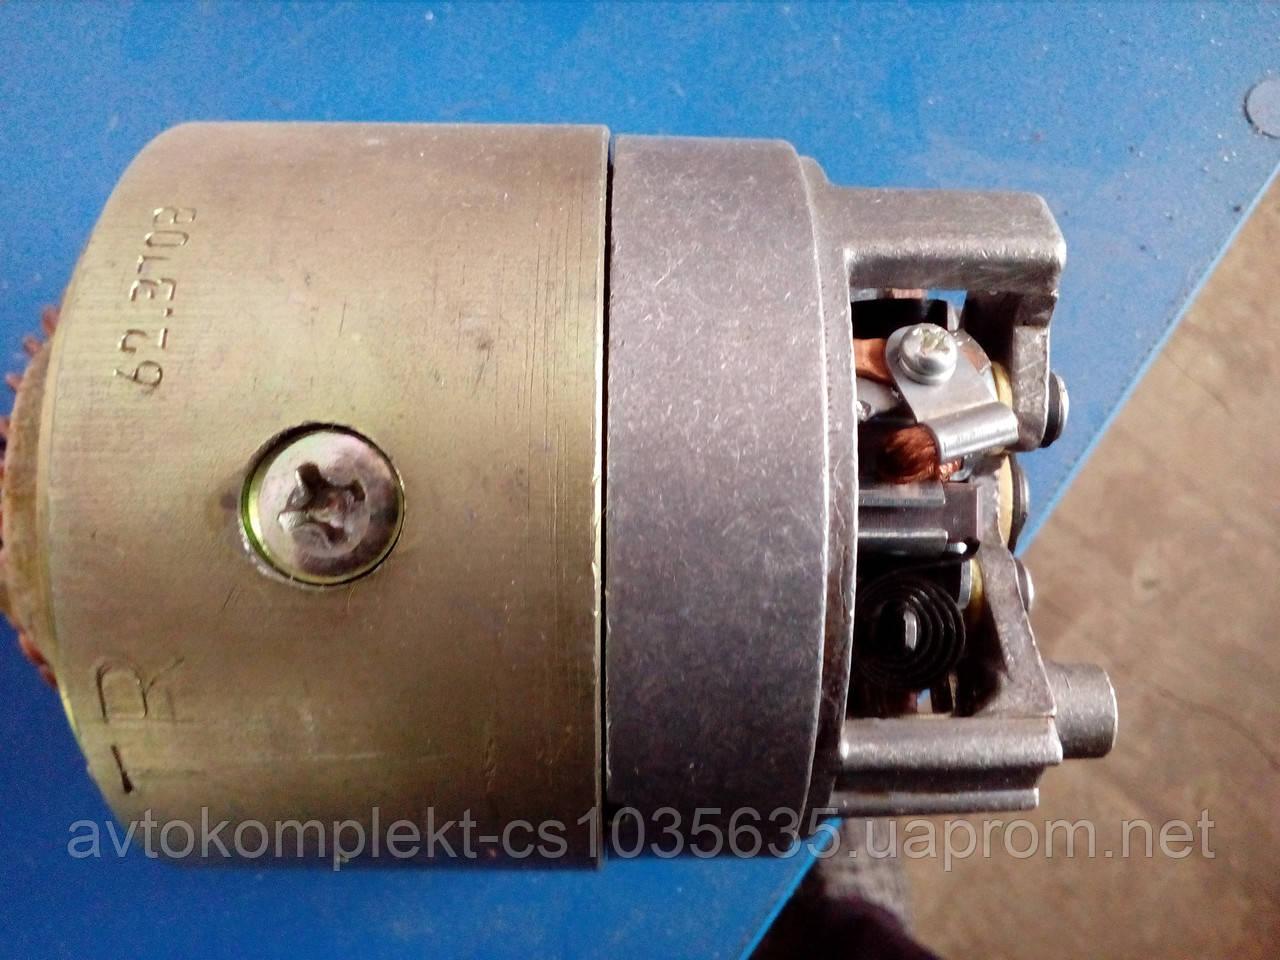 Катушка возбуждения (обмотка) стартера СТ-62.3708 (Волга, ГАЗель, УАЗ) 12V